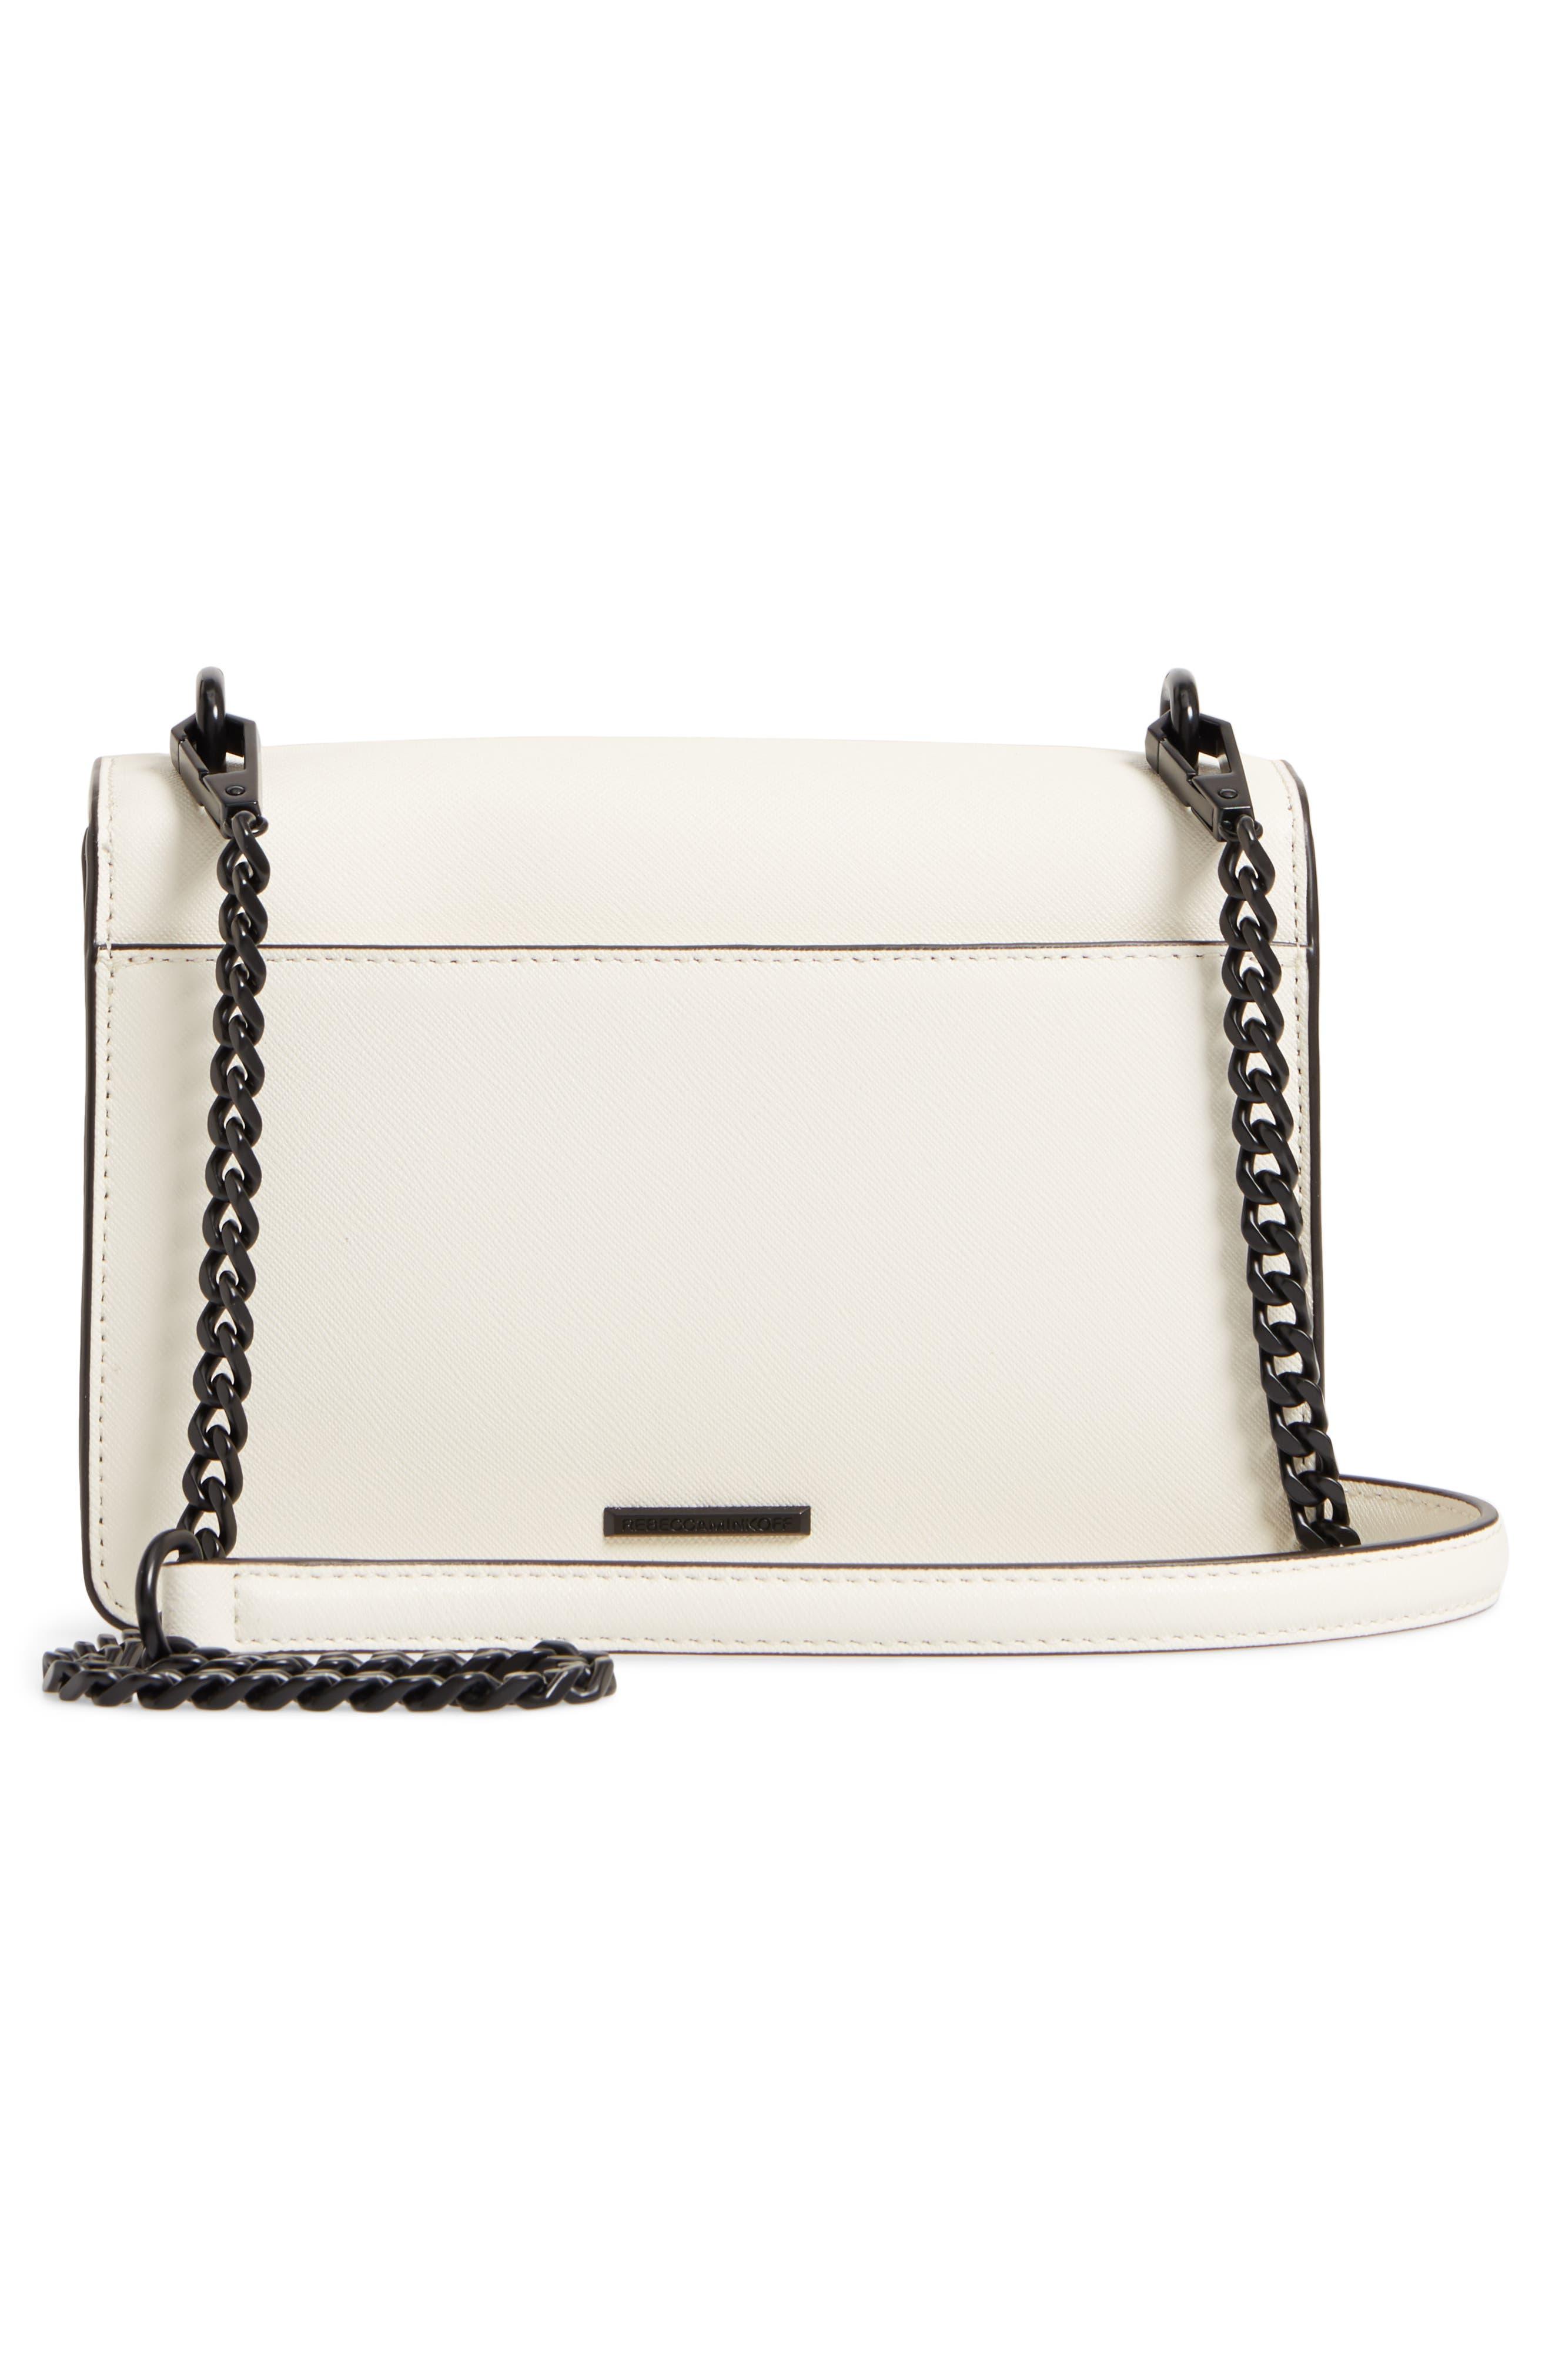 Medium Christy Leather Shoulder Bag,                             Alternate thumbnail 11, color,